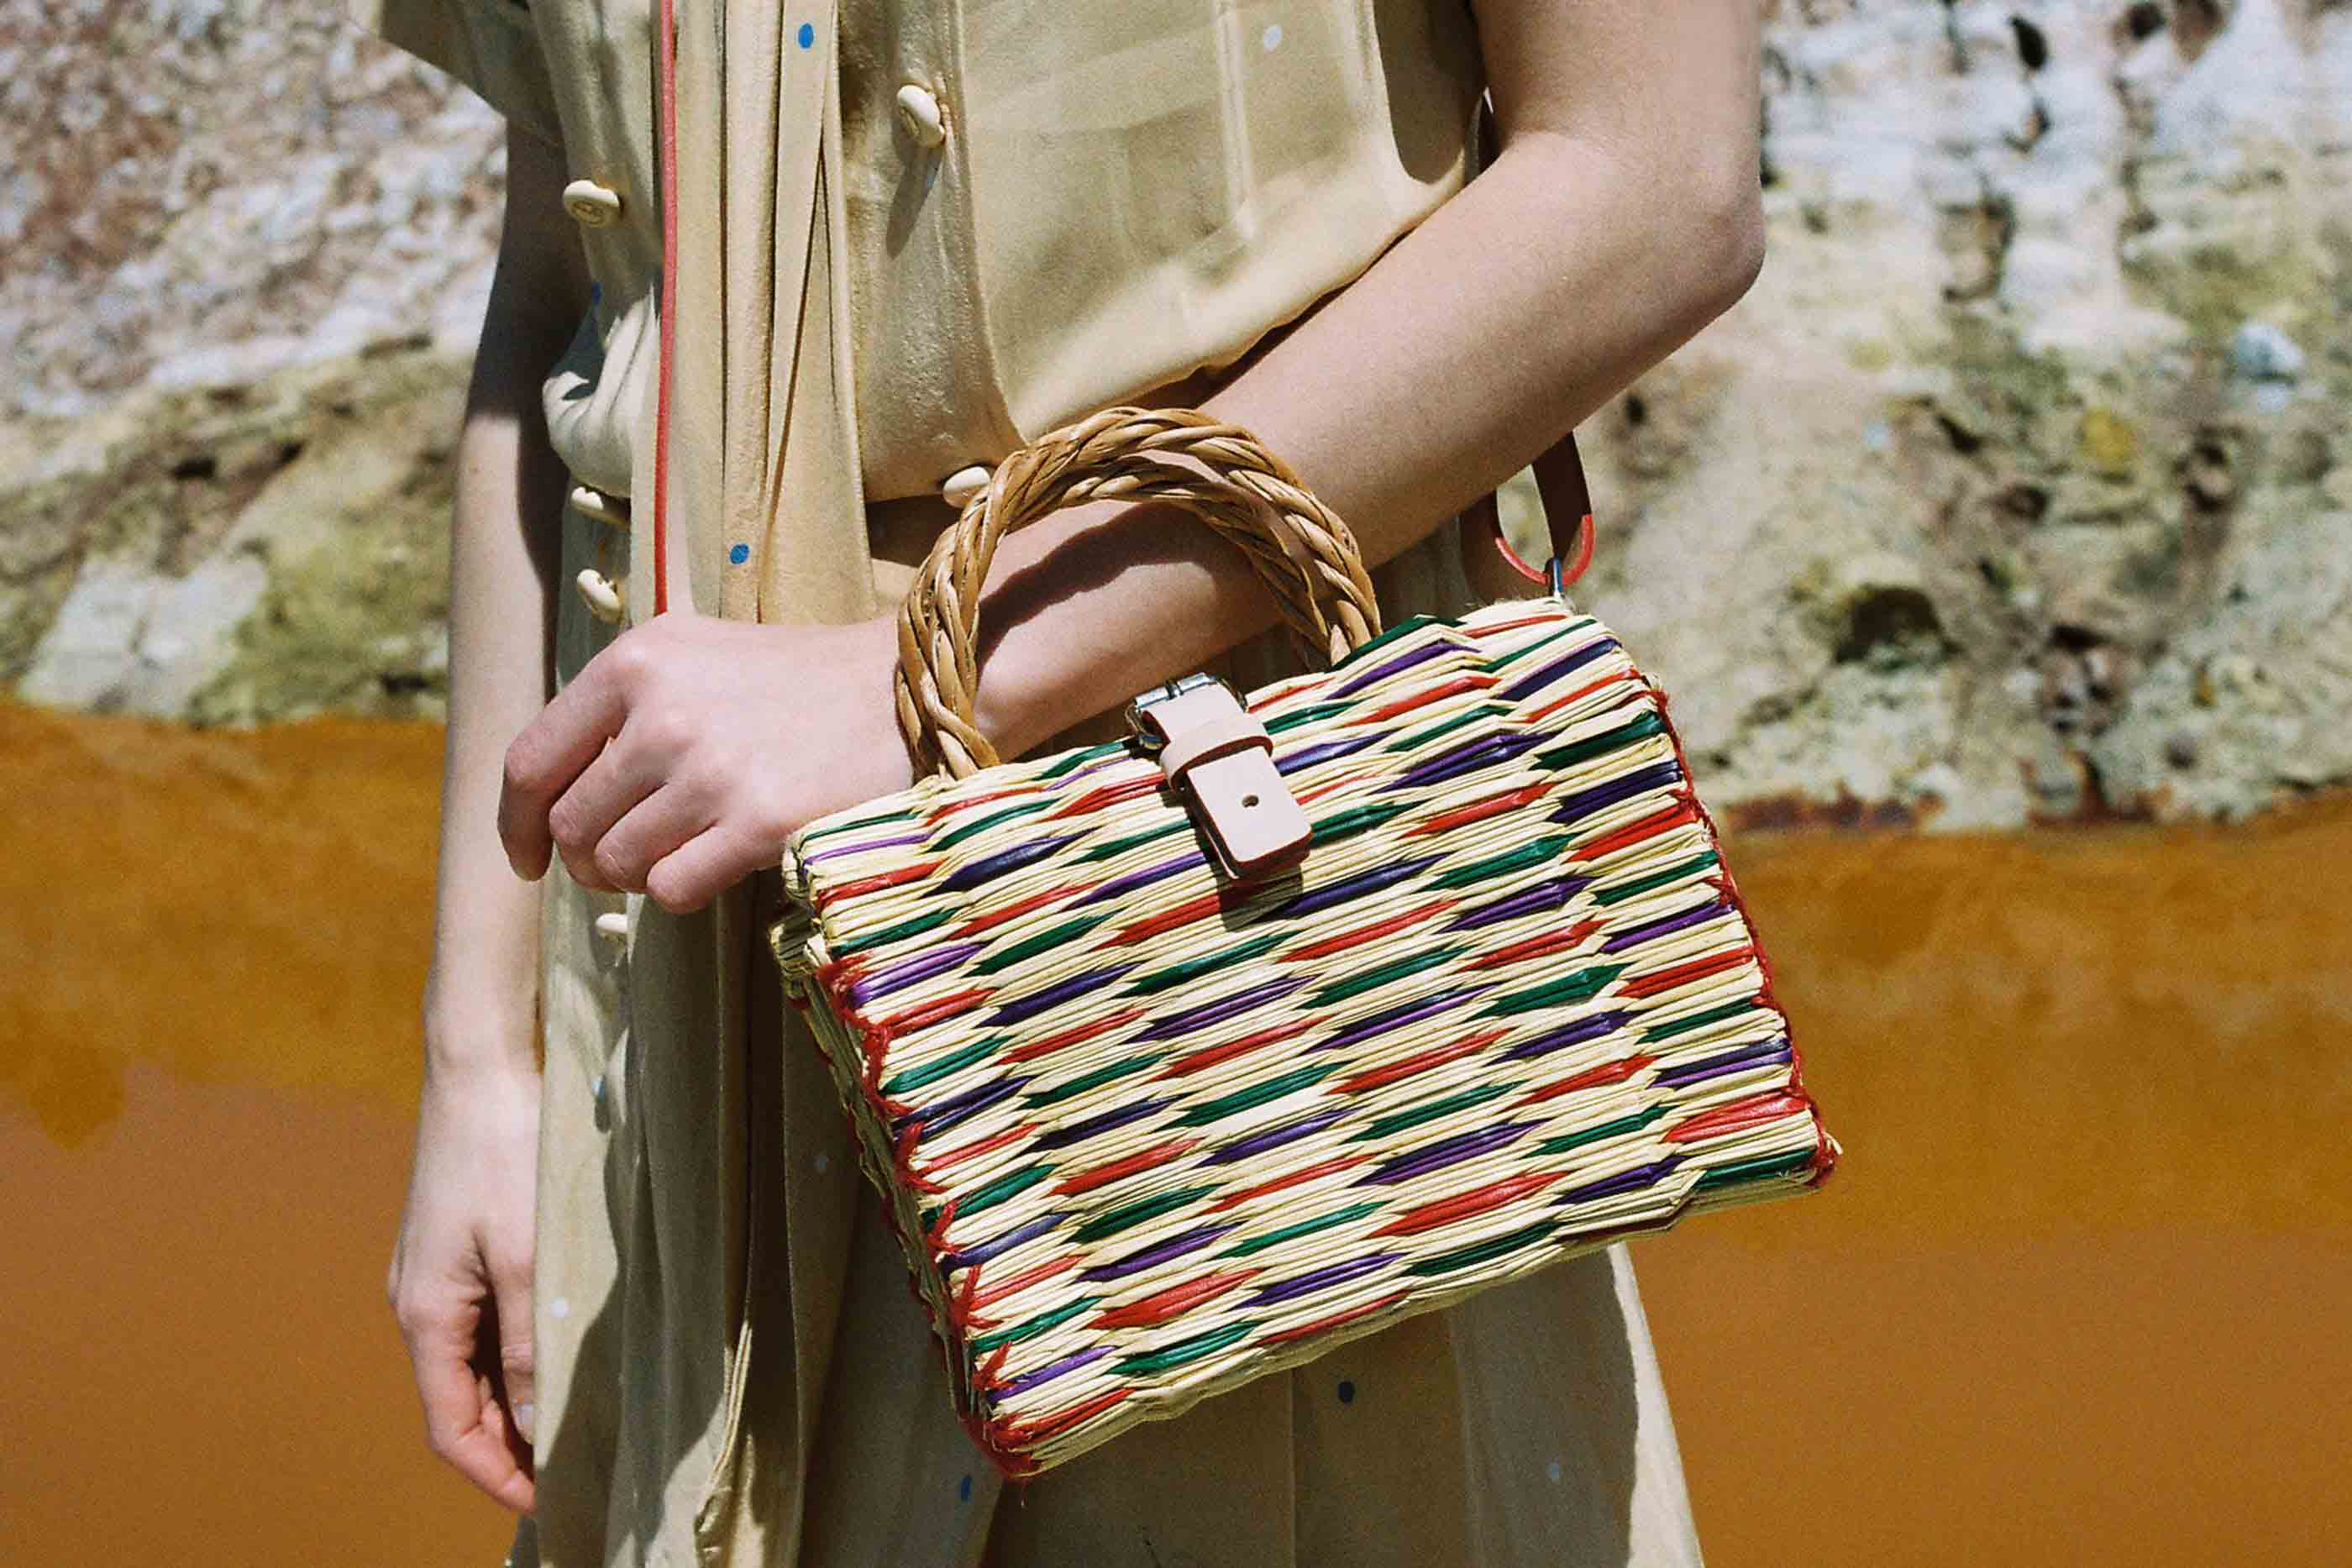 """Modelo a segurar a mala """"Mini"""", tendo como pano de fundo uma pedreira. Um dos artigos da marca TOINO ABEL, feito de junco e vime, com um padrão tingido a azul, vermelho e verde"""